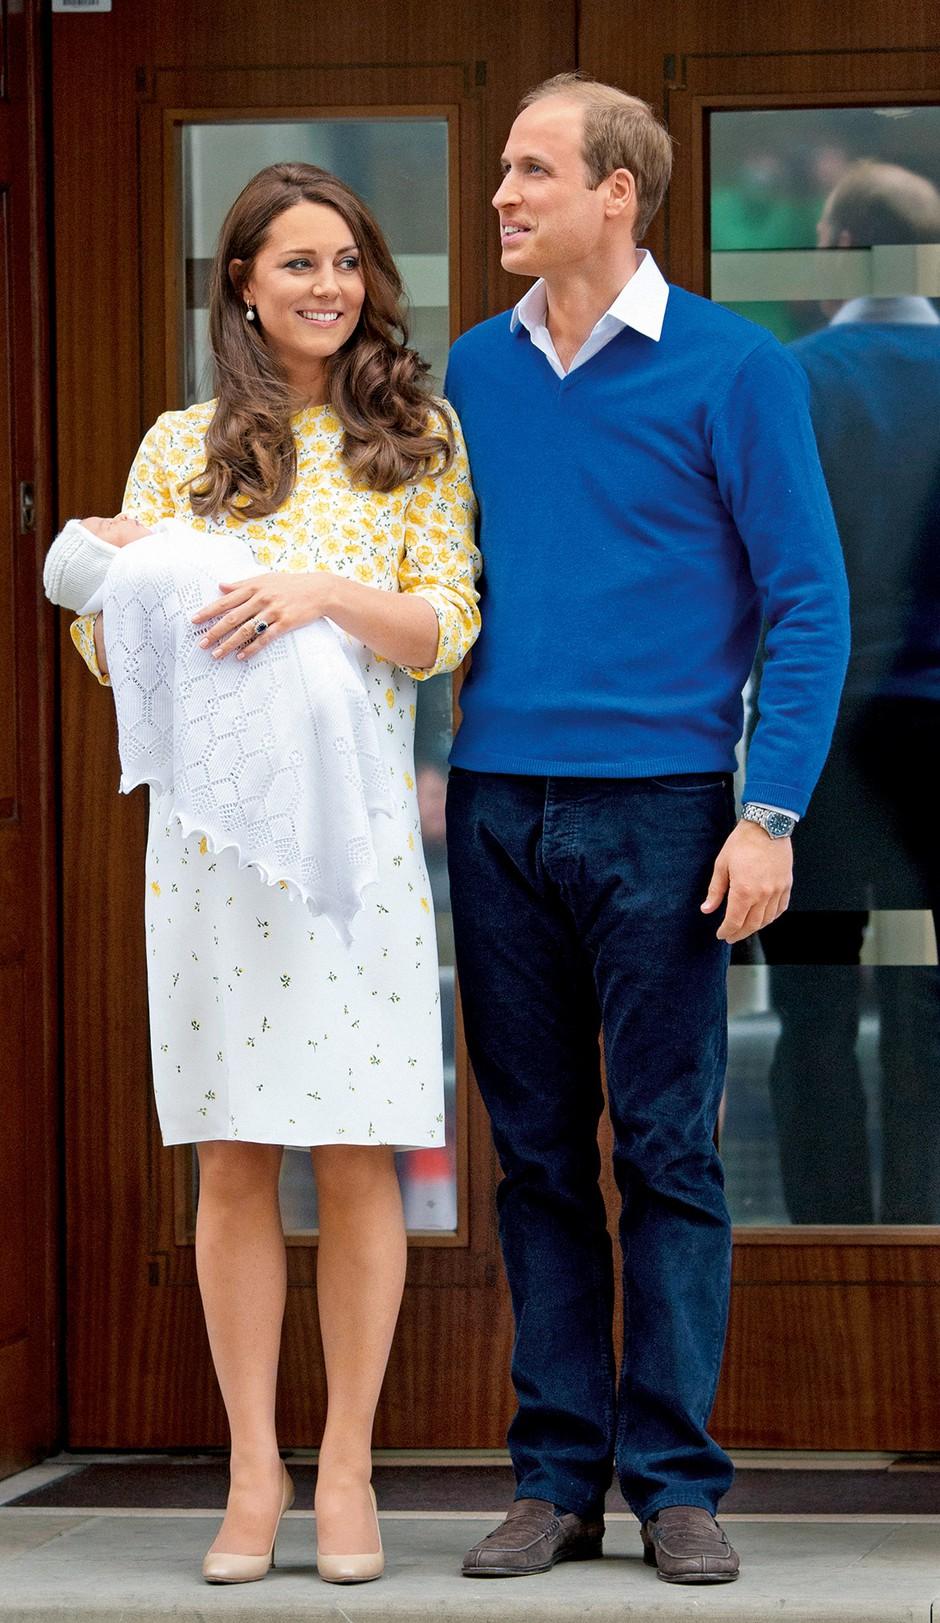 Podrobno o rojstvu hčerke vojvodinje Kate in princa Williama (foto: Profimedia)